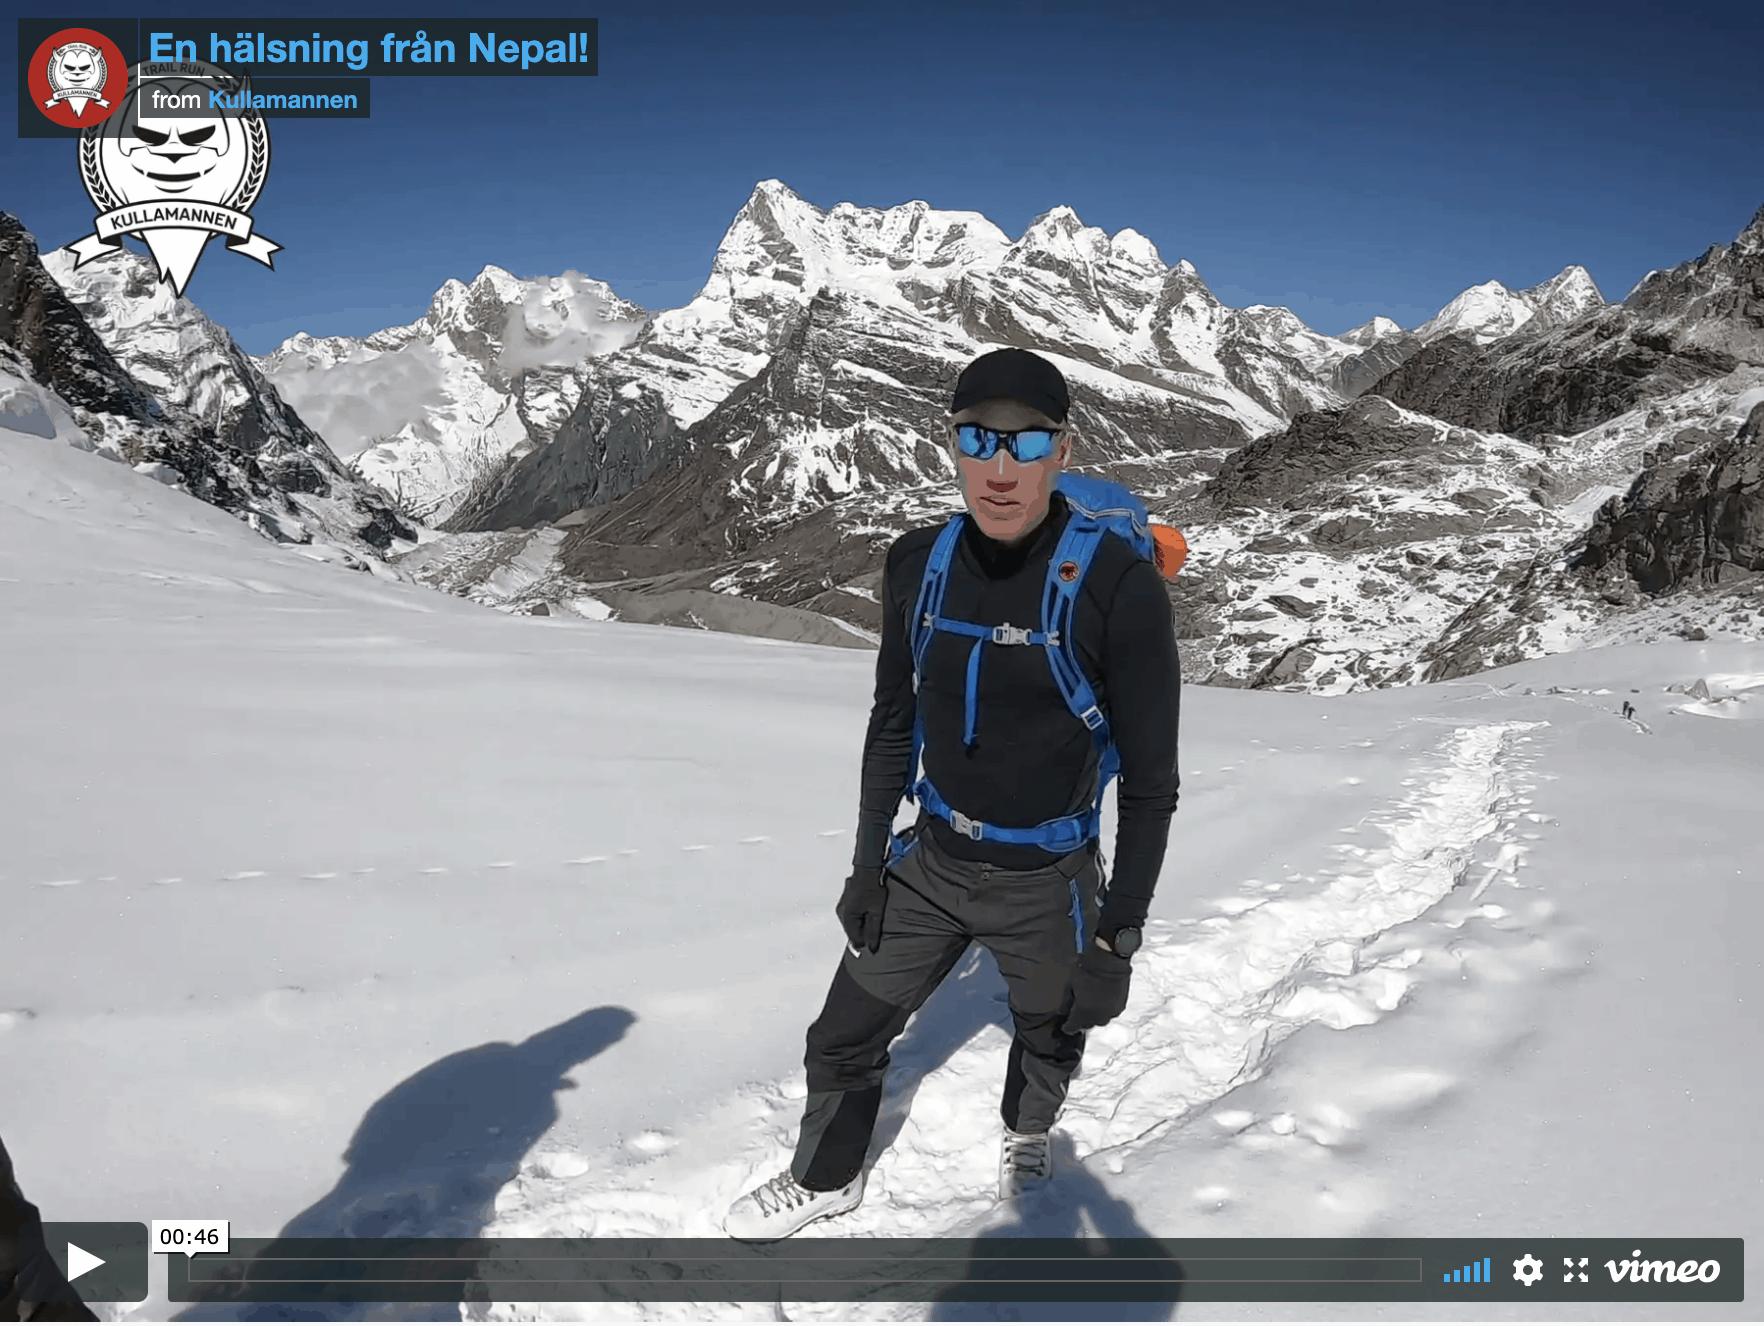 Patrik Wikström hälsar från Mount Mera i Nepal